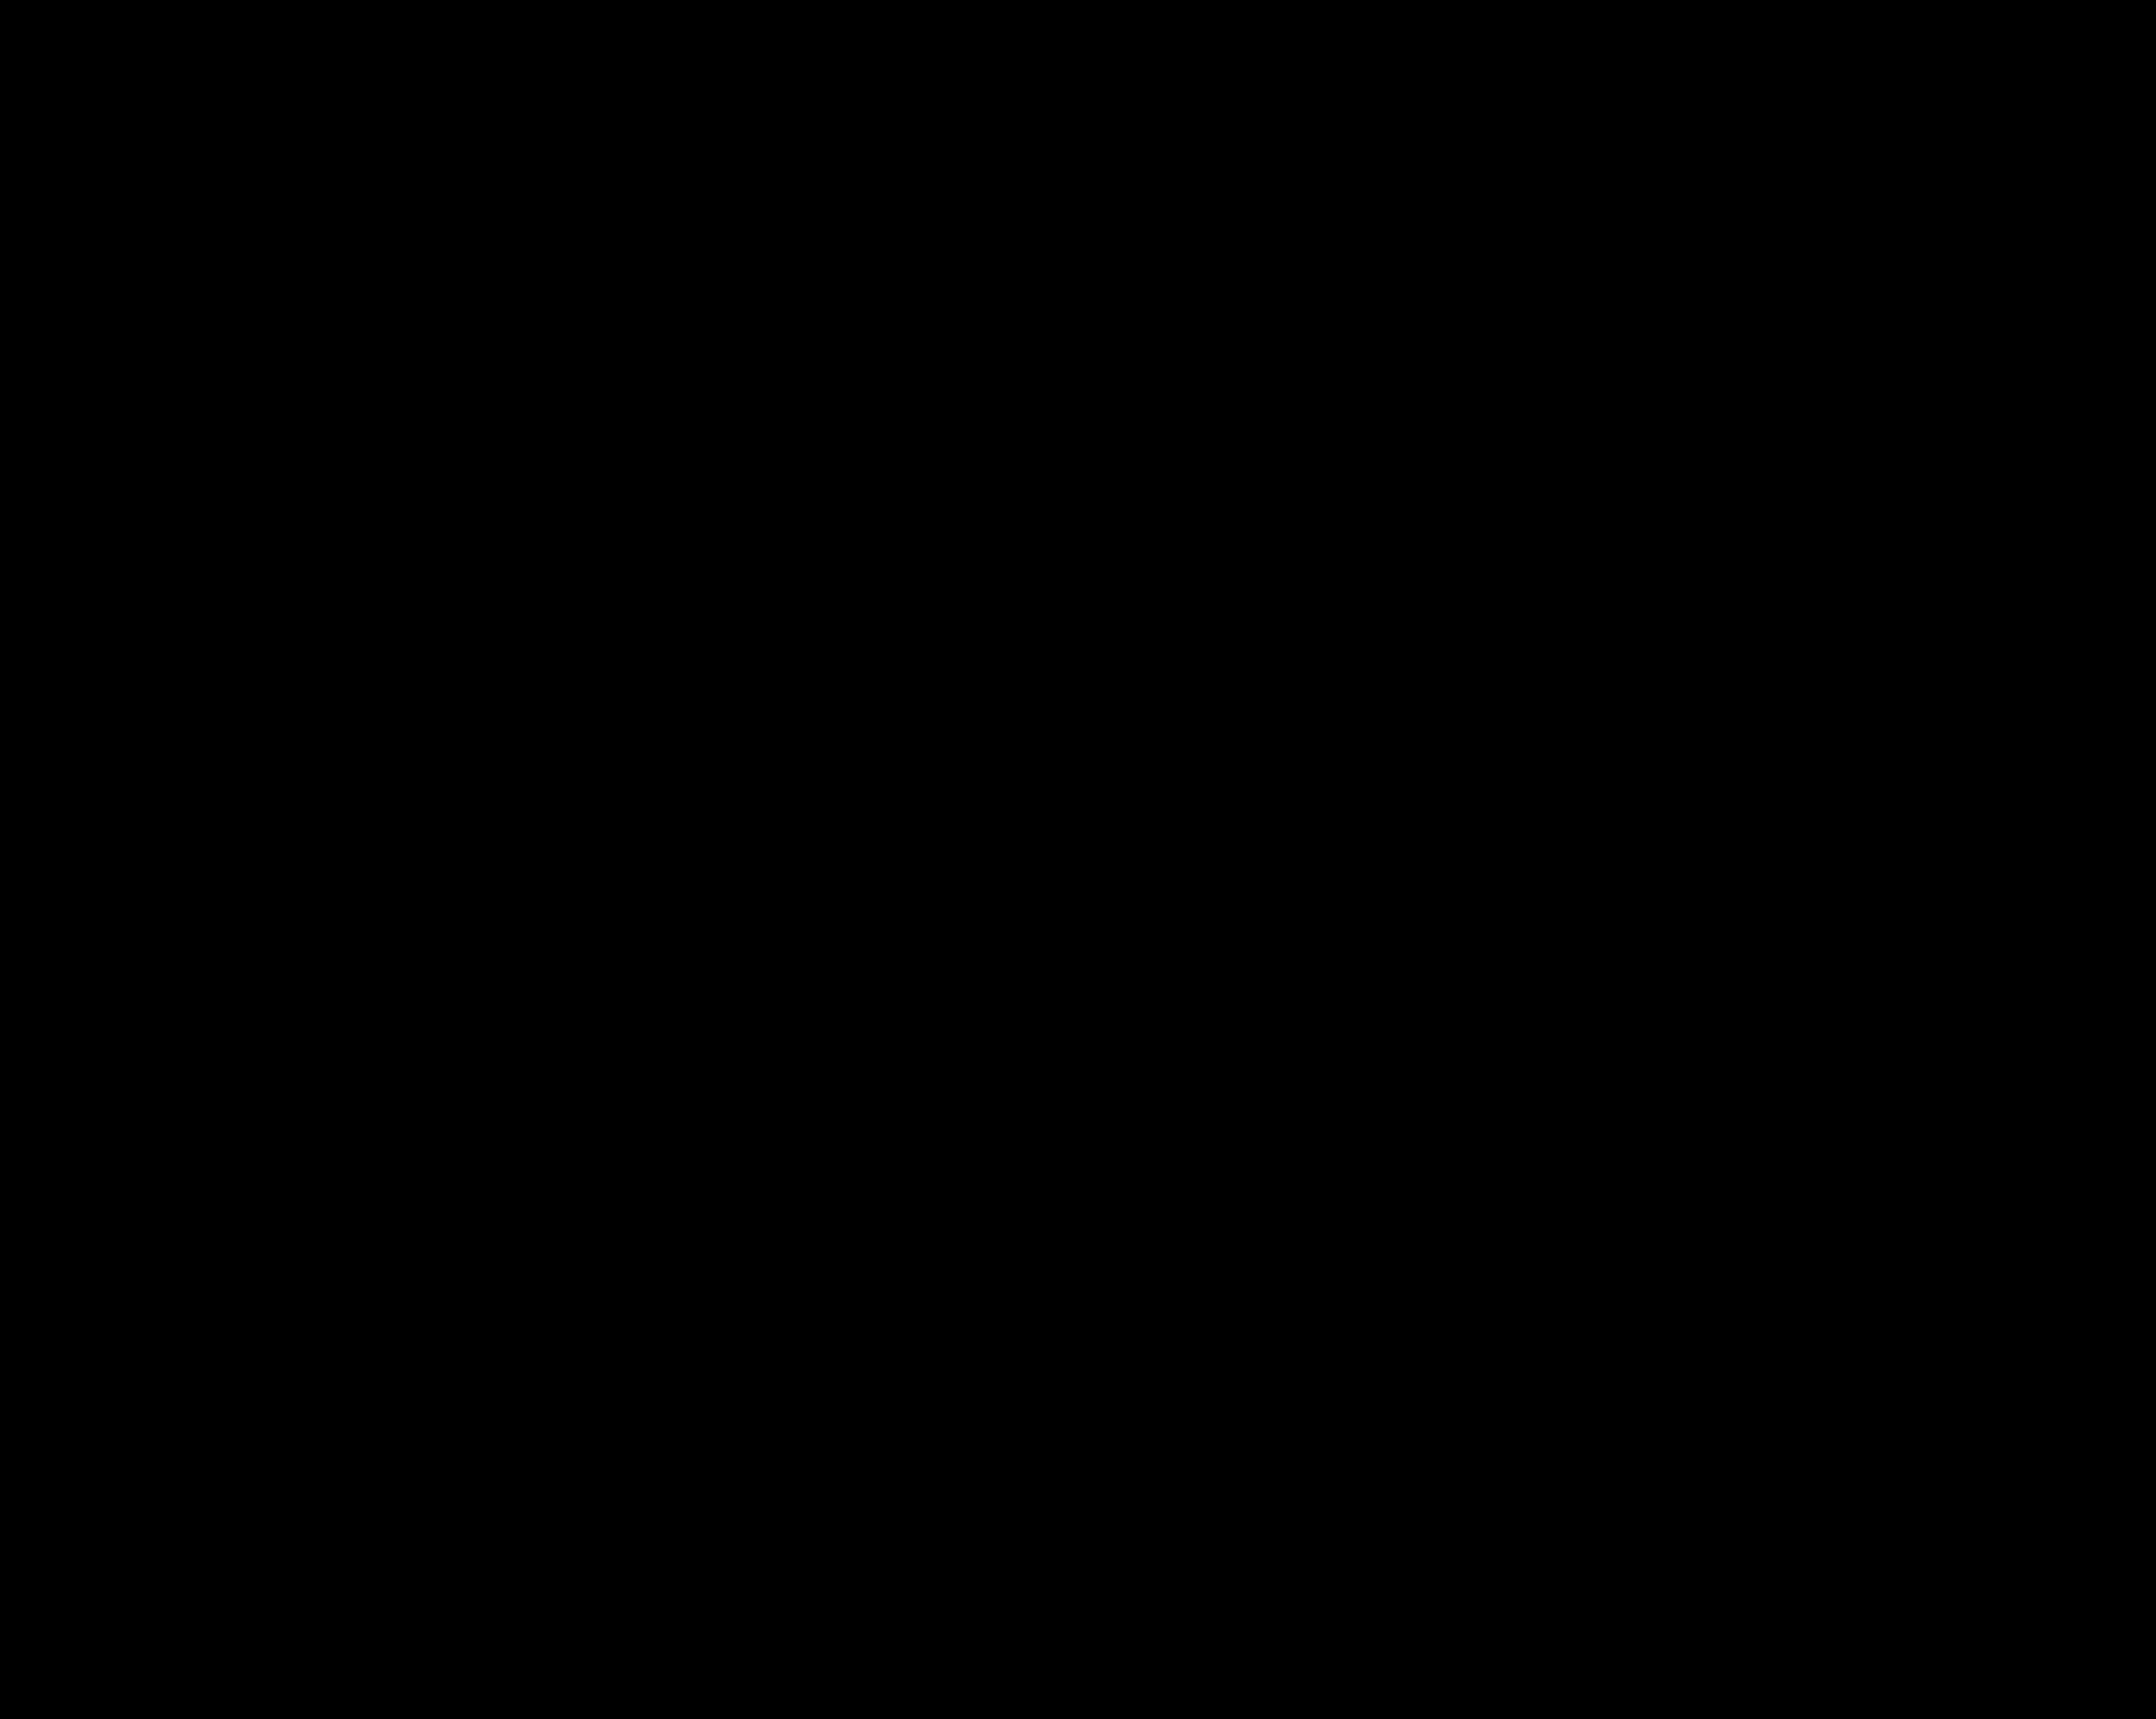 logo-carte-bleue.png